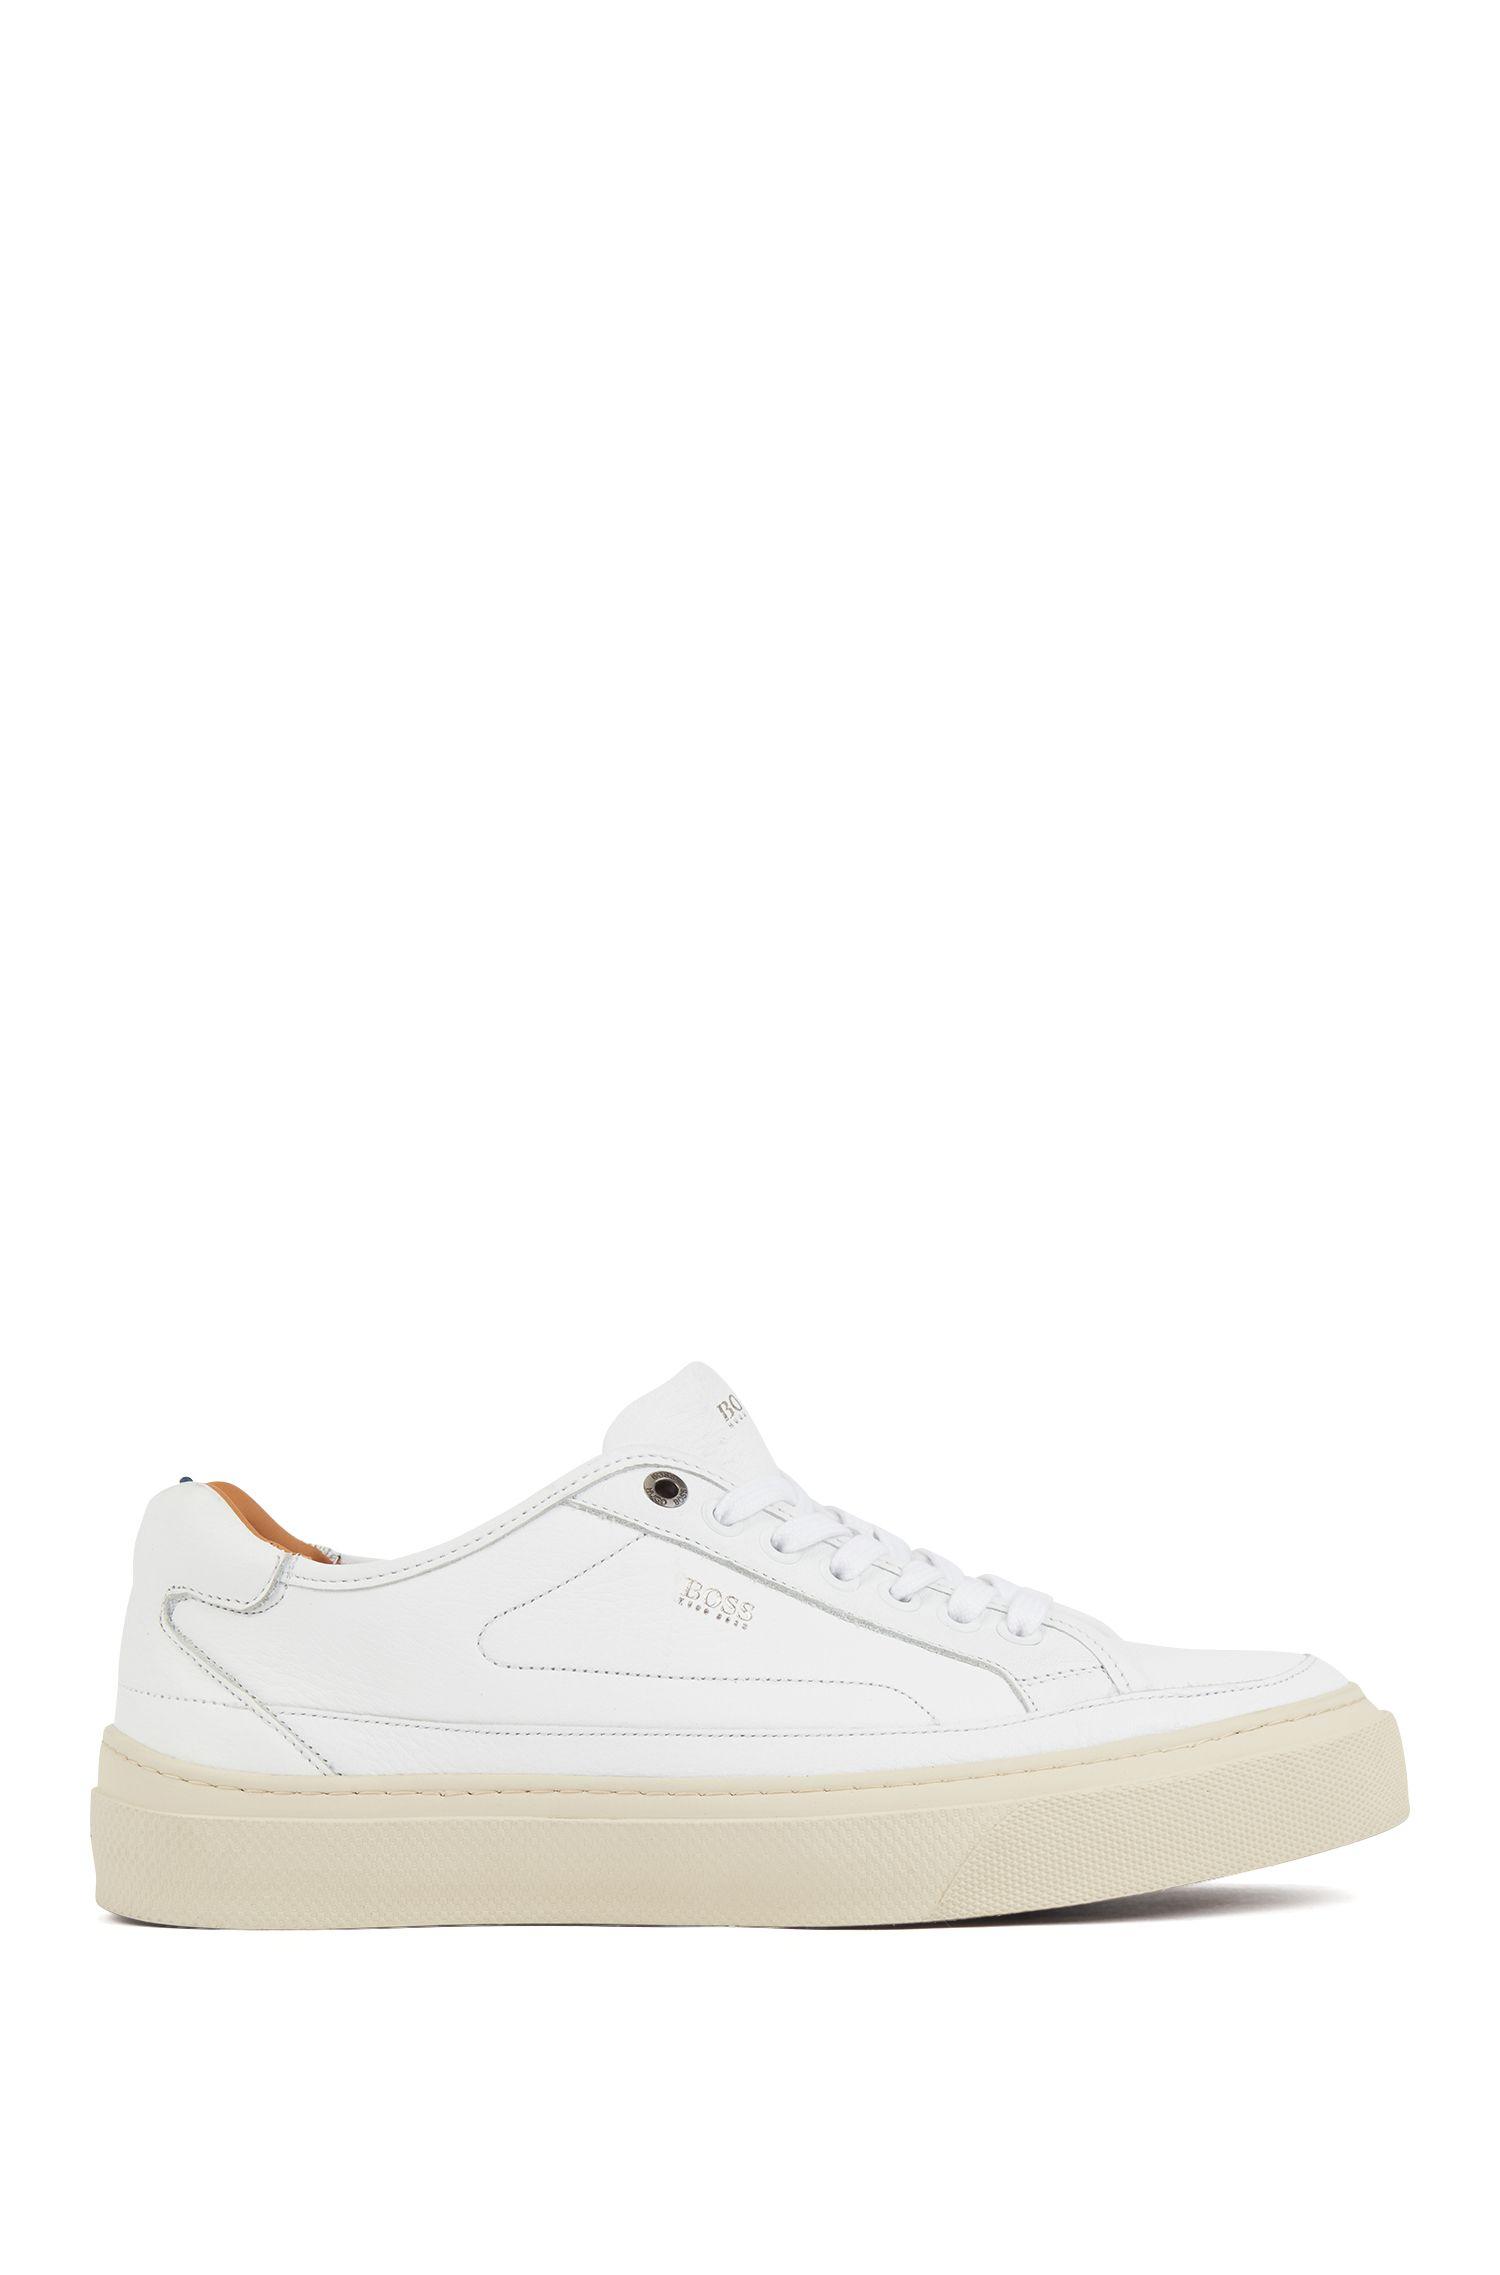 Leder-Sneakers im Tennis-Stil mit Monogramm an der Sohle, Weiß